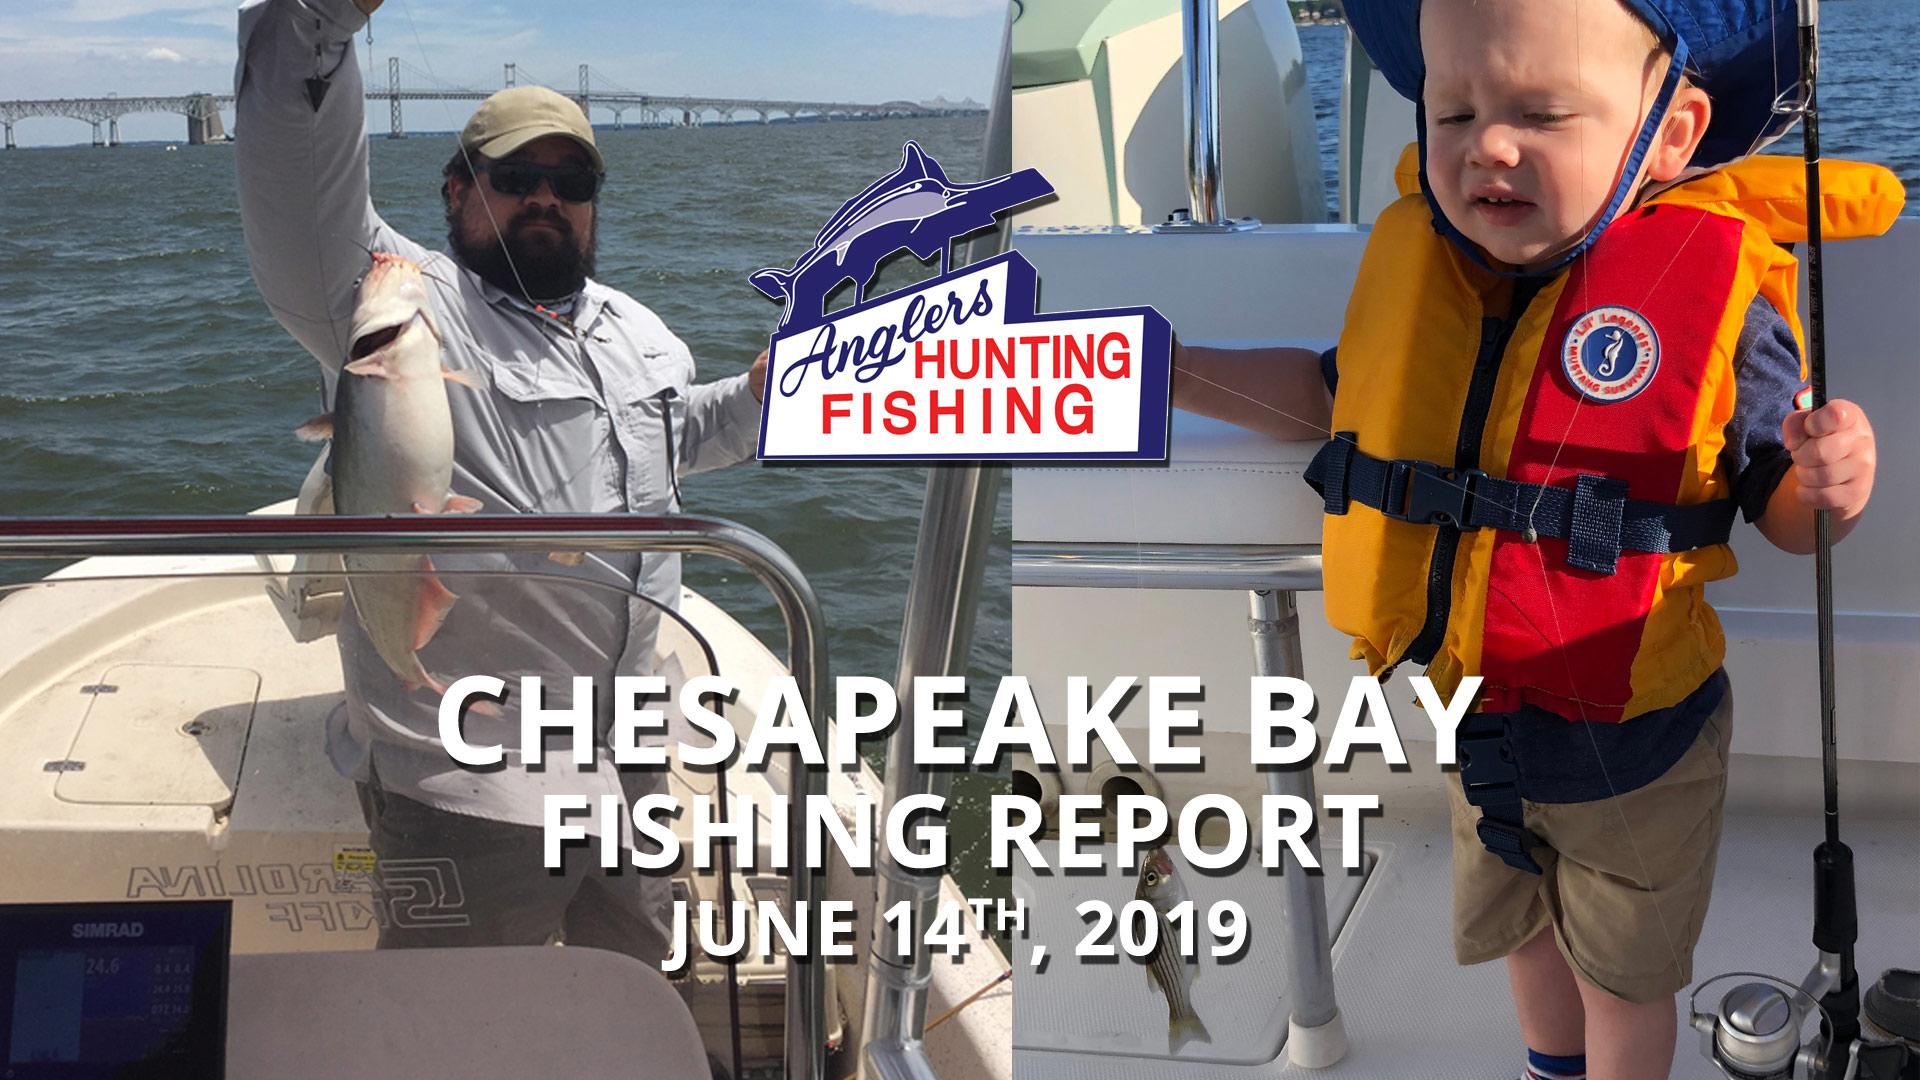 Chesapeake Bay Fishing Report - June 14th, 2019